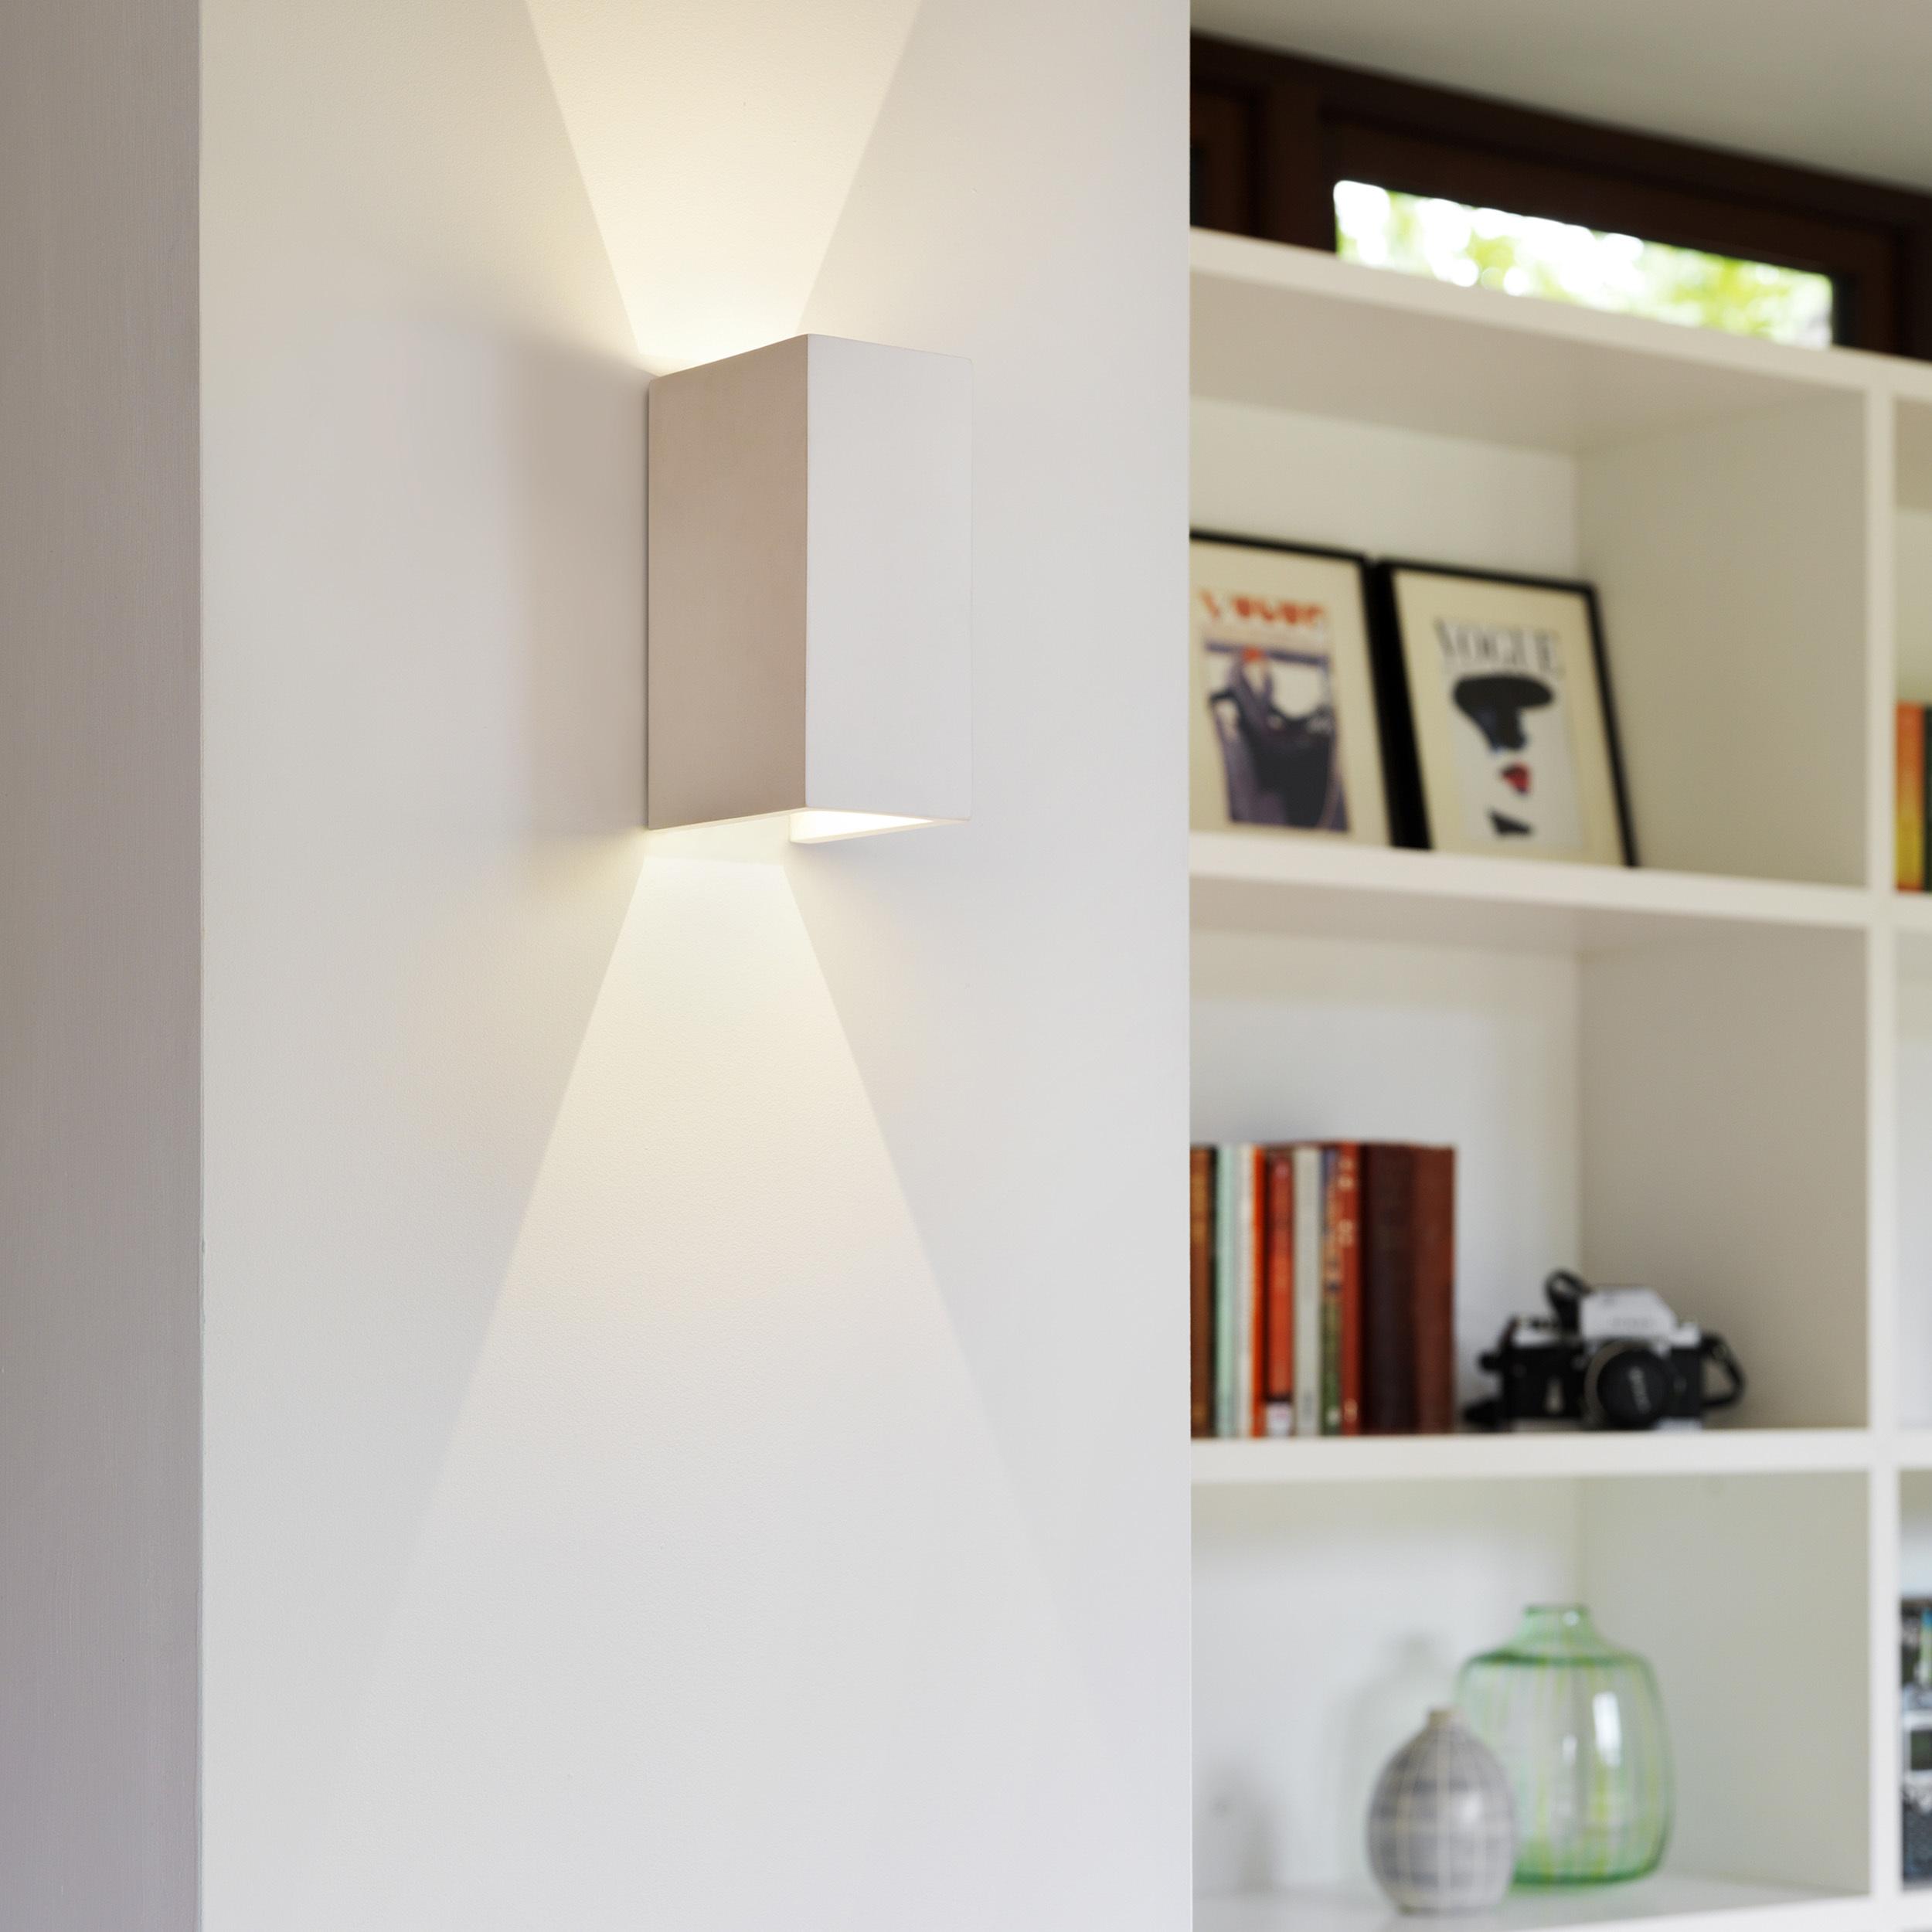 Настенный светодиодный светильник Astro Parma 1187021 (8182), LED 7,7W 3000K 503.6lm CRI80, белый, под покраску, гипс - фото 3